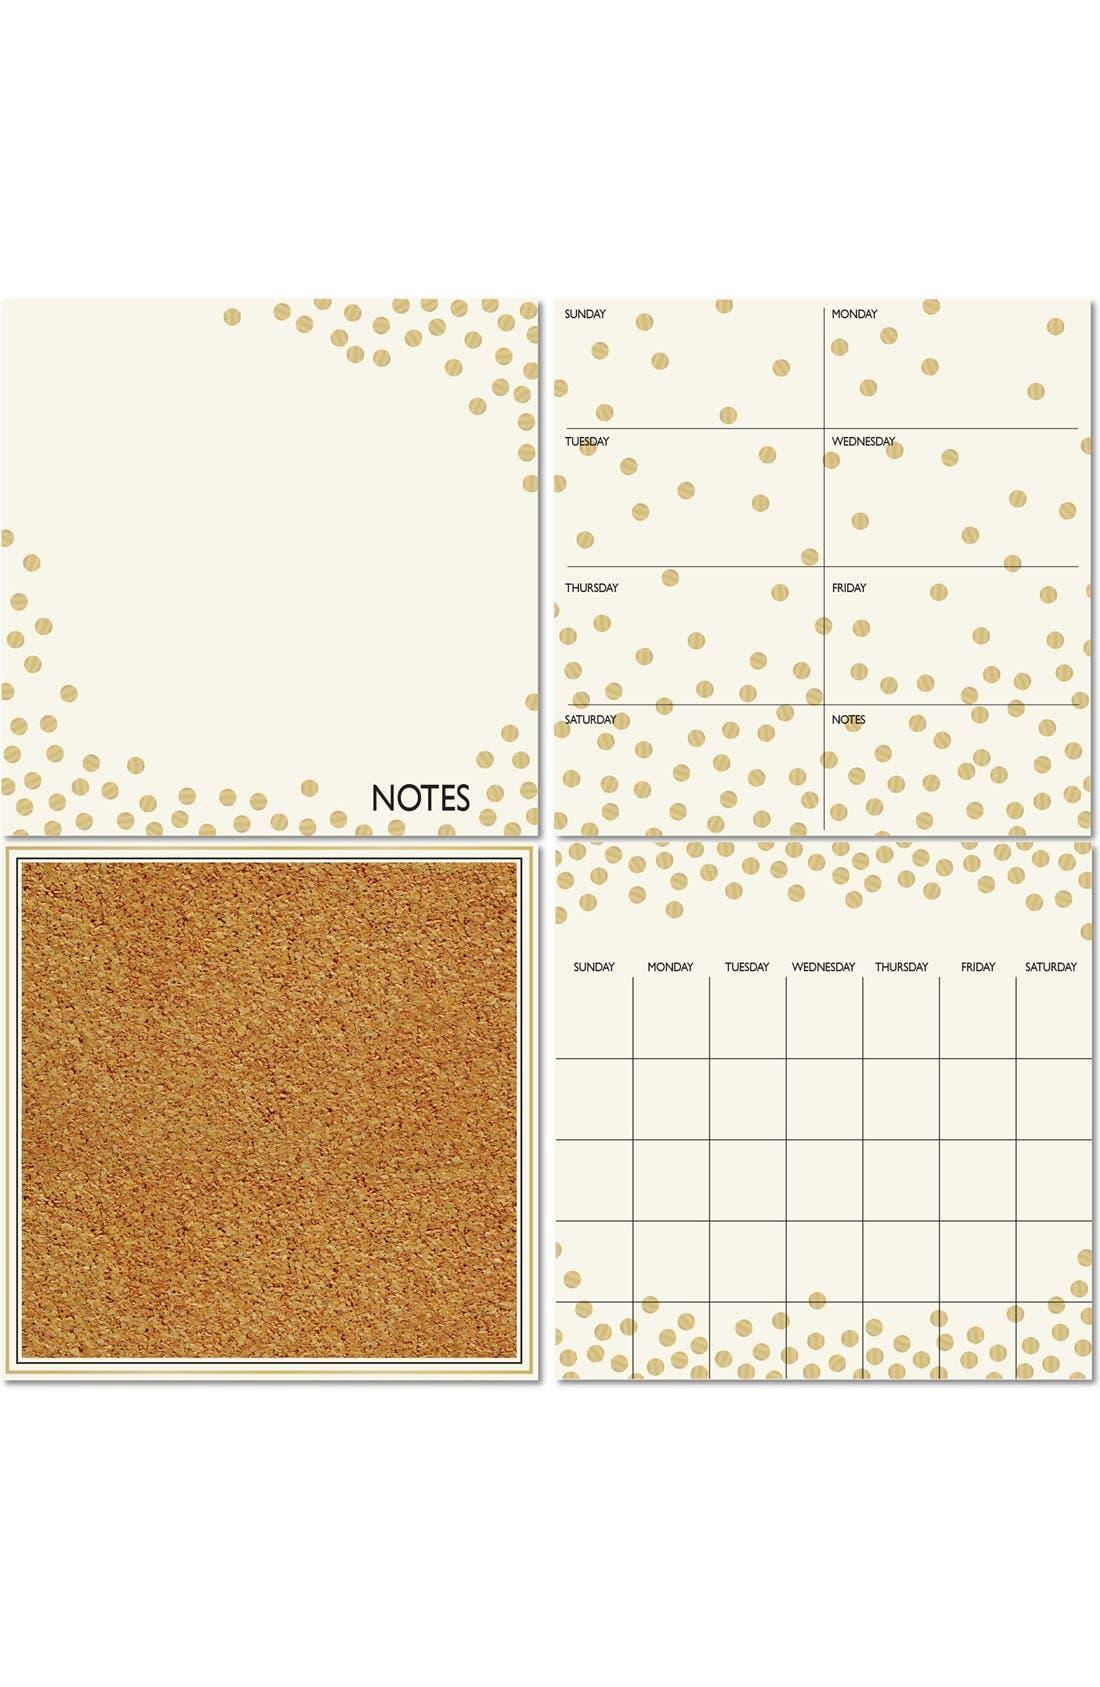 'Confetti' Wall Decal Organization Kit,                             Main thumbnail 1, color,                             710